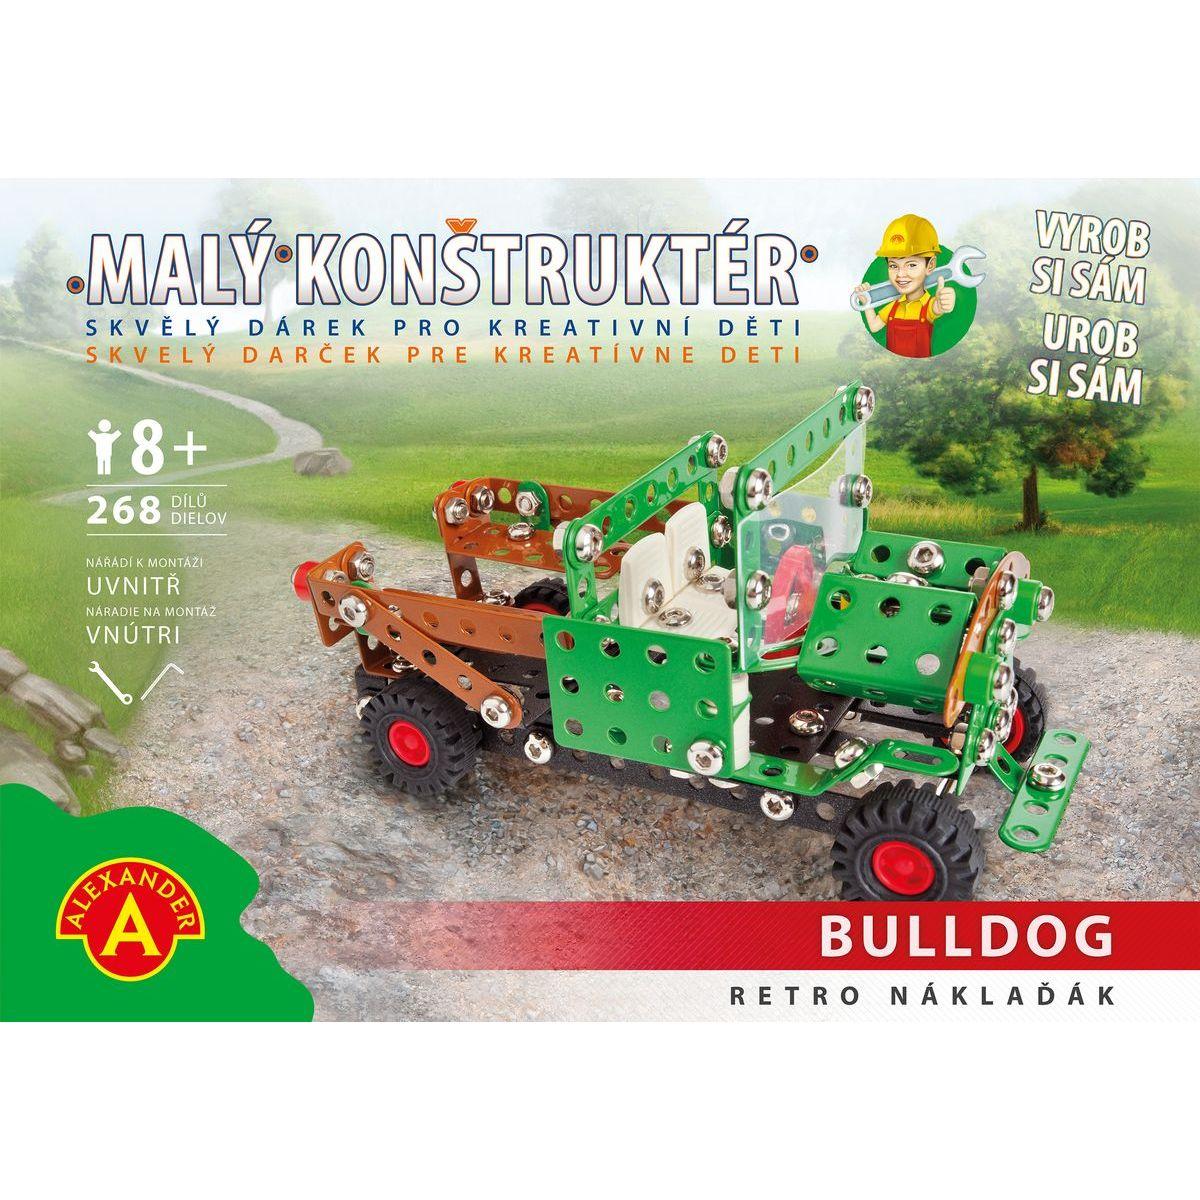 Alexander Malý konstruktér Buldog Retro náklaďák